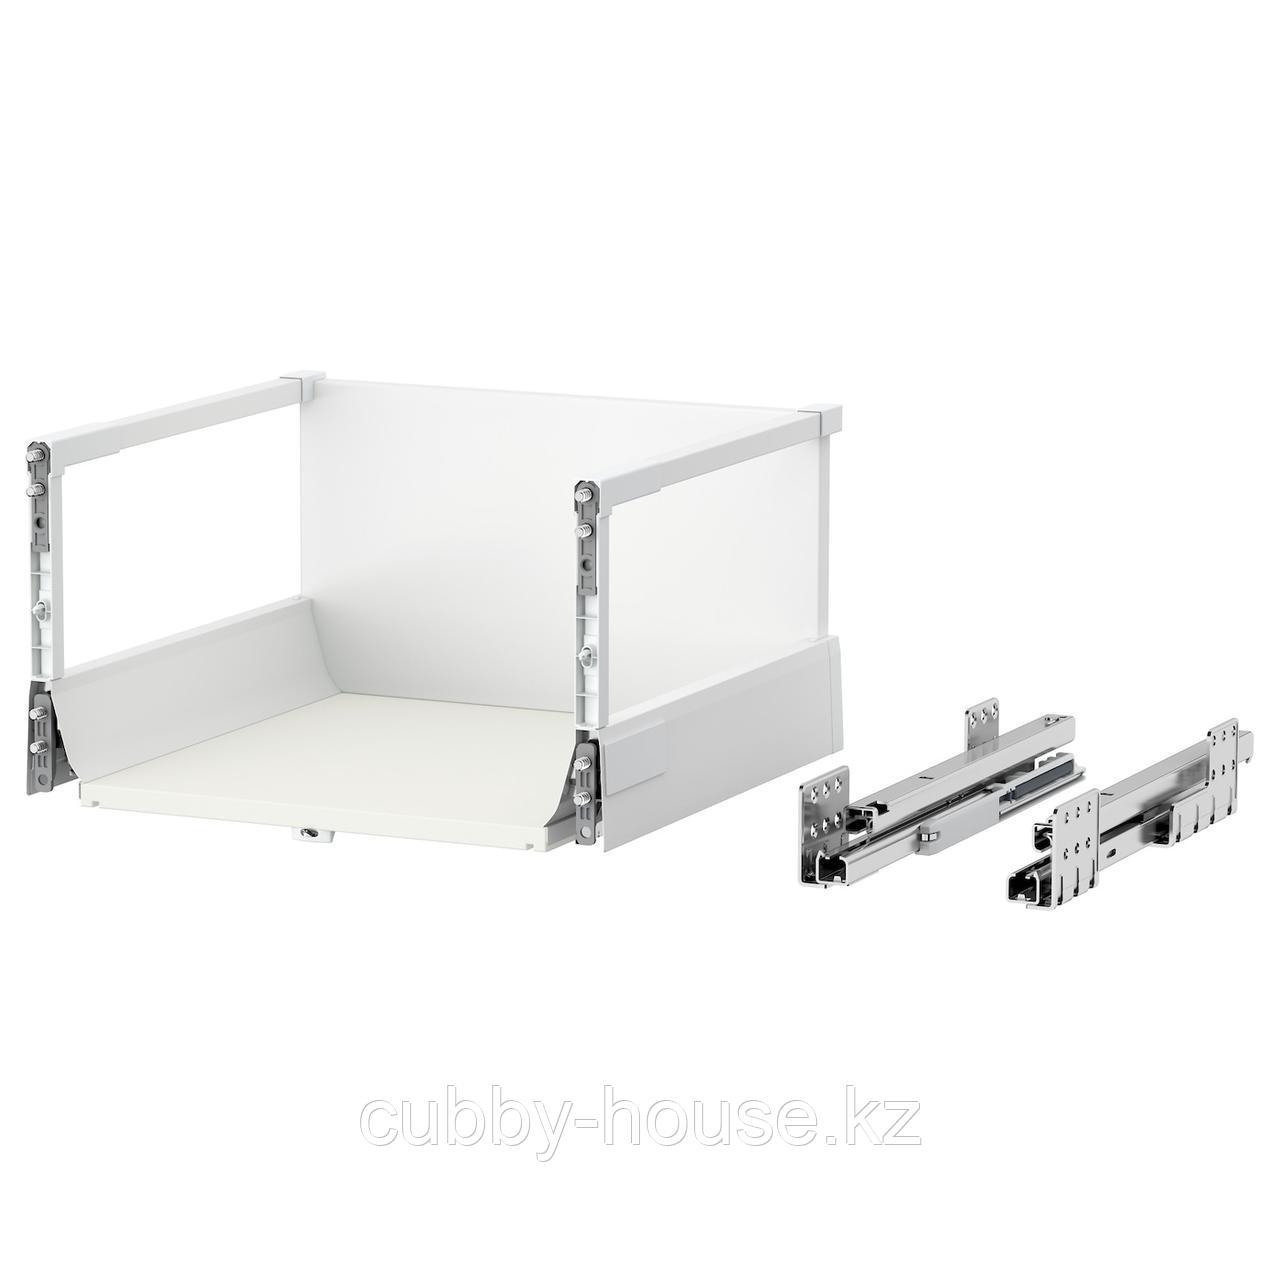 МАКСИМЕРА Ящик, высокий, белый, 80x60 см